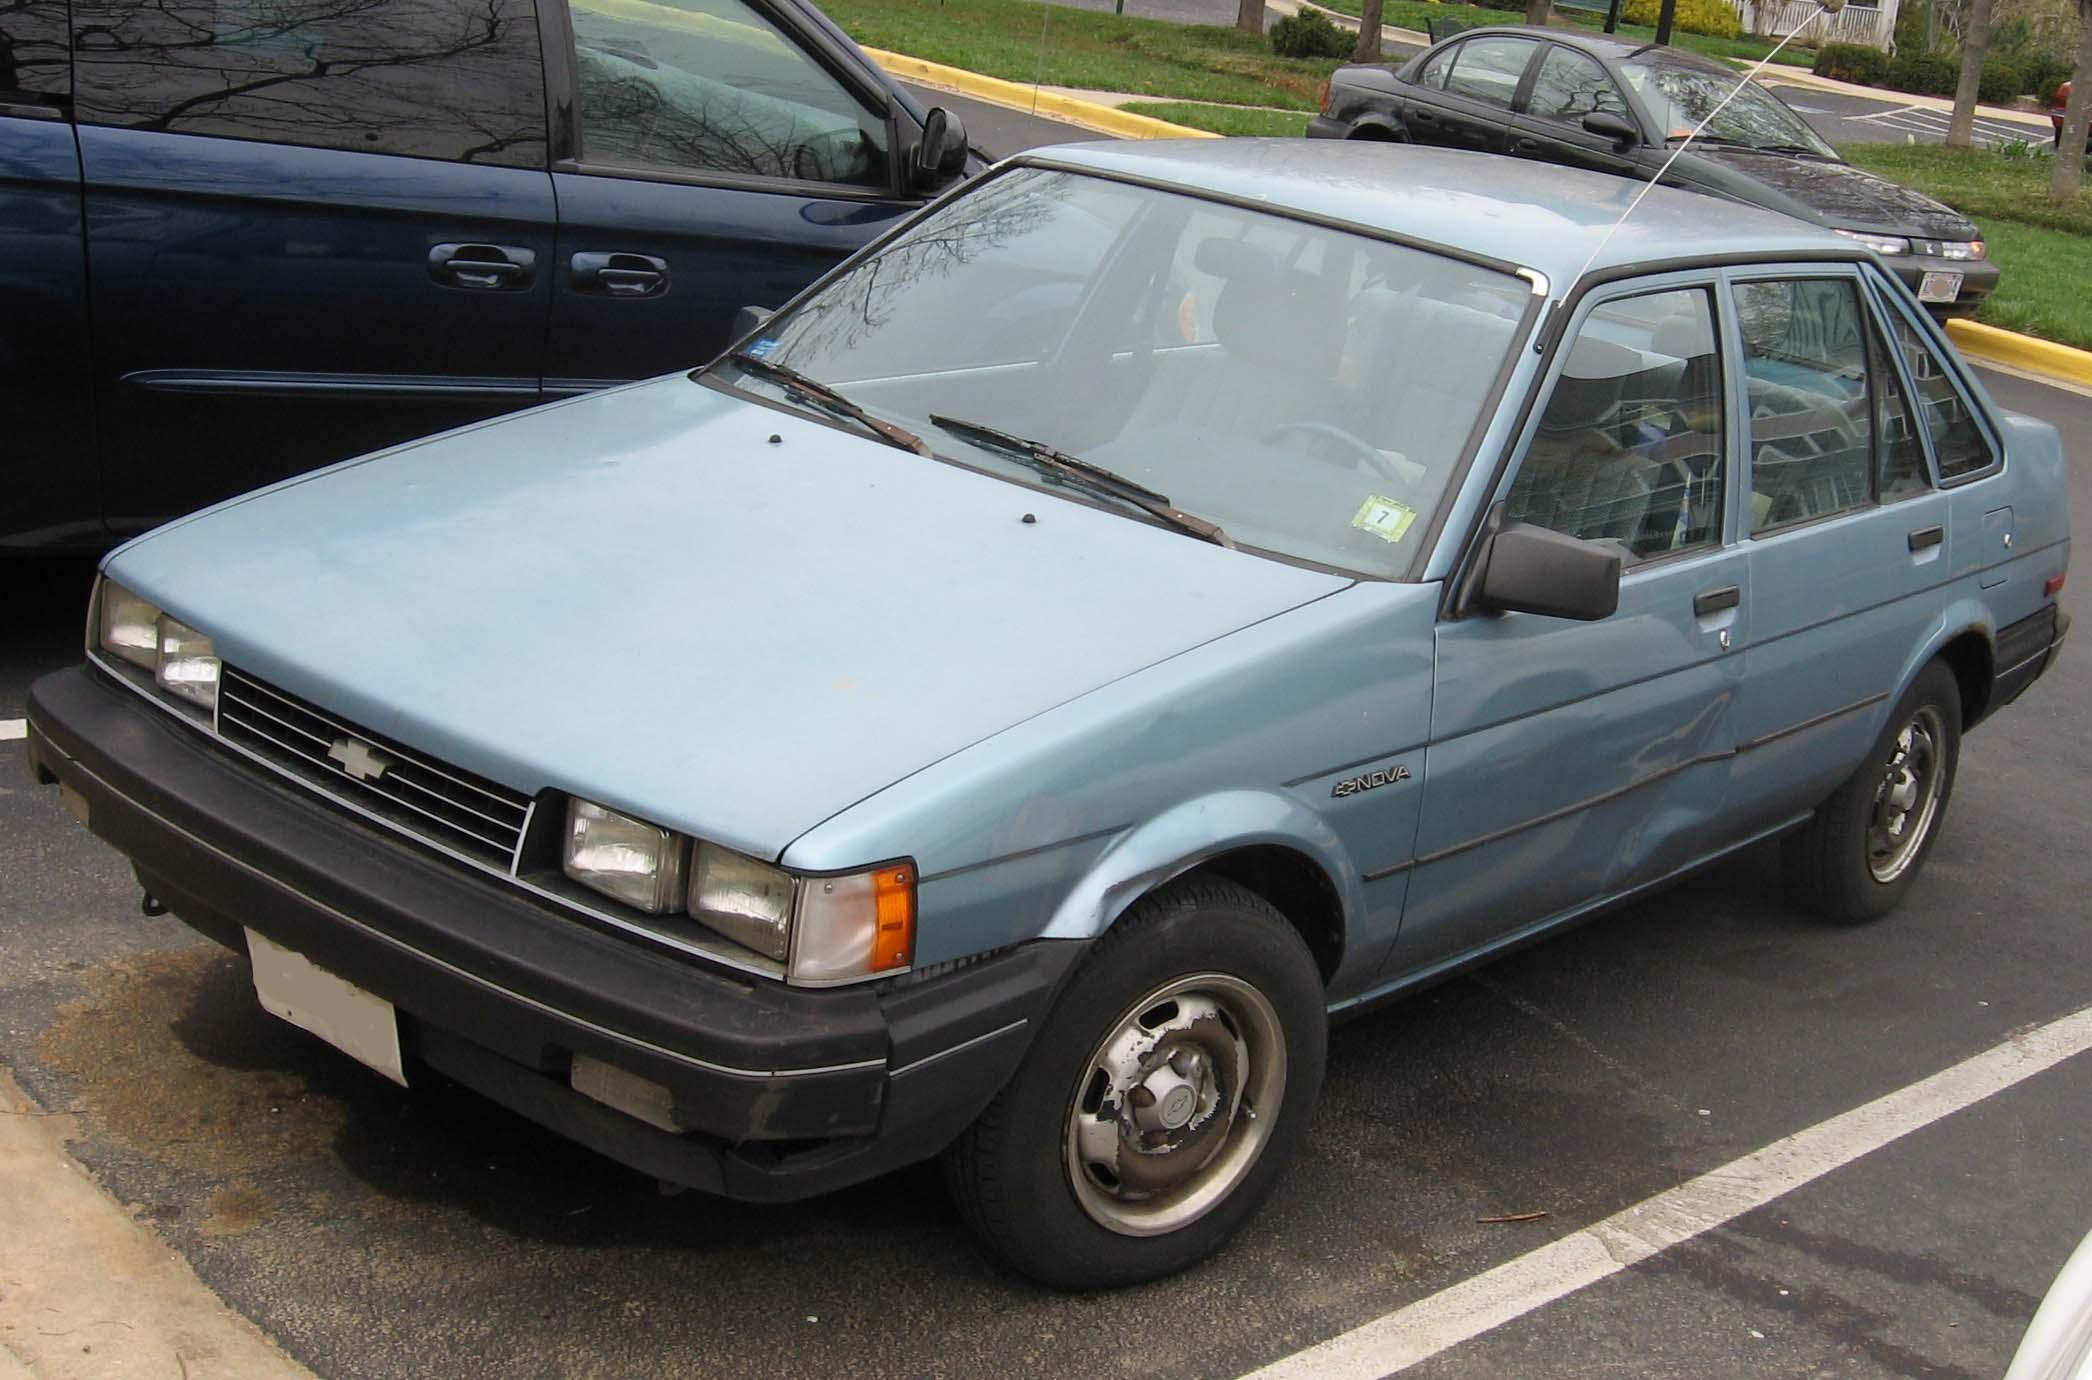 85-88_Chevrolet_Nova.jpg